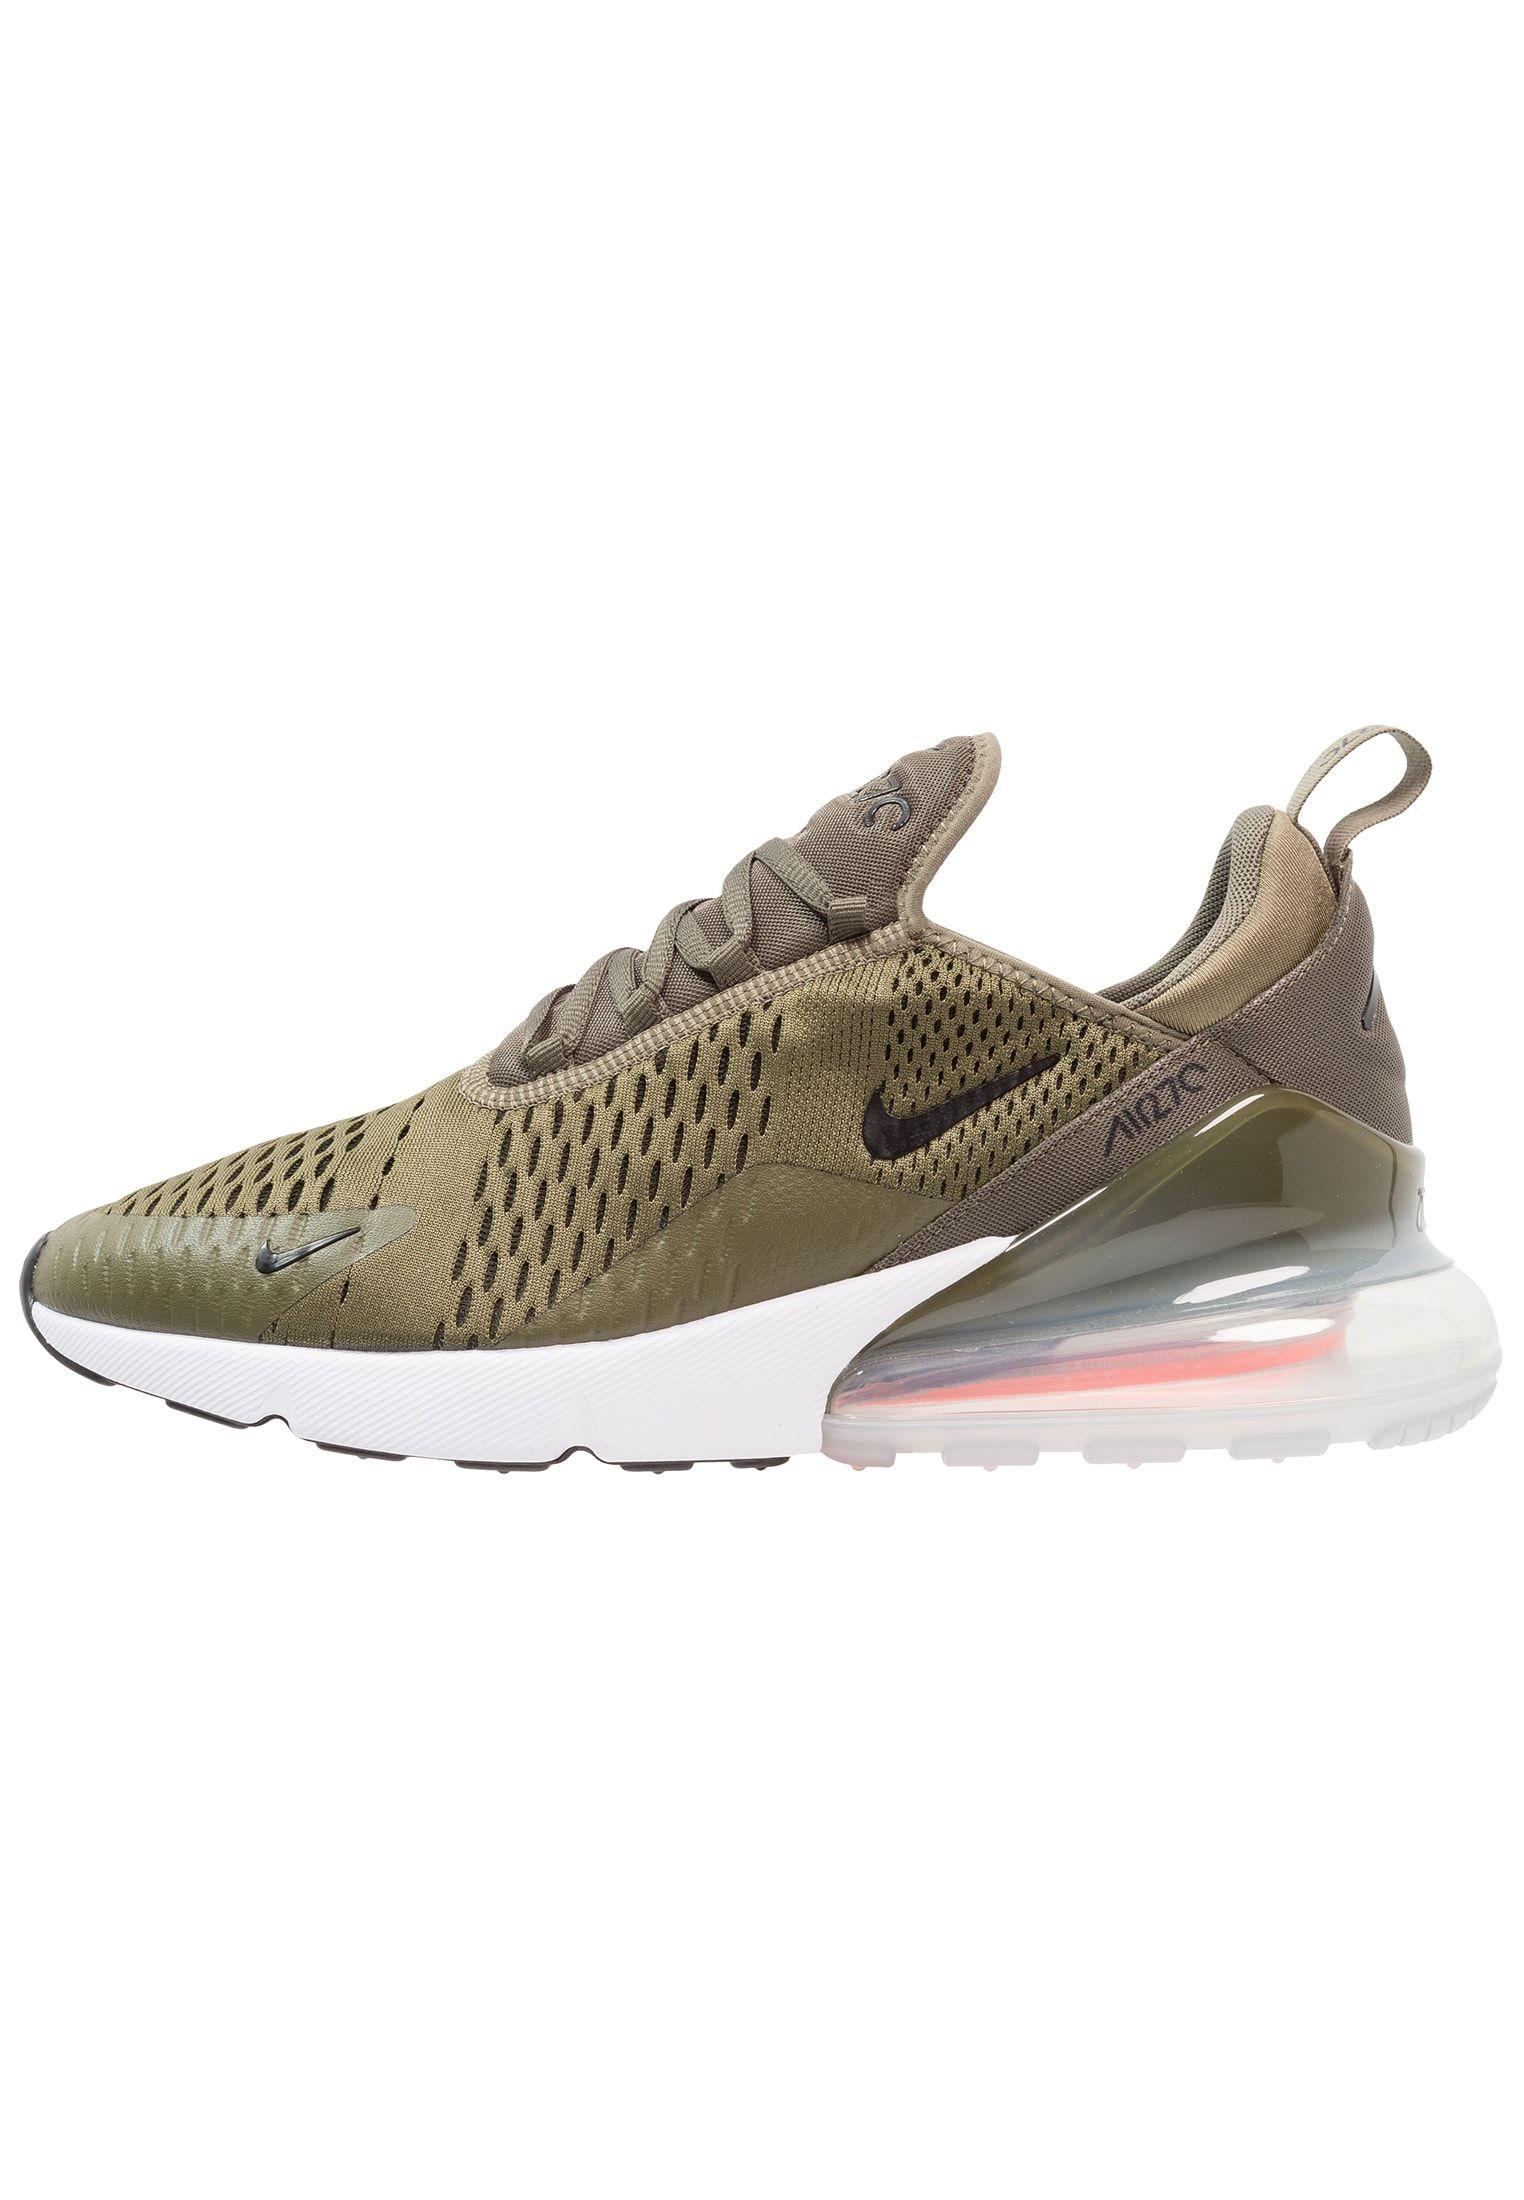 MAX Sneaker Sportswear 270 medium olive AIR Nike low mwNn80